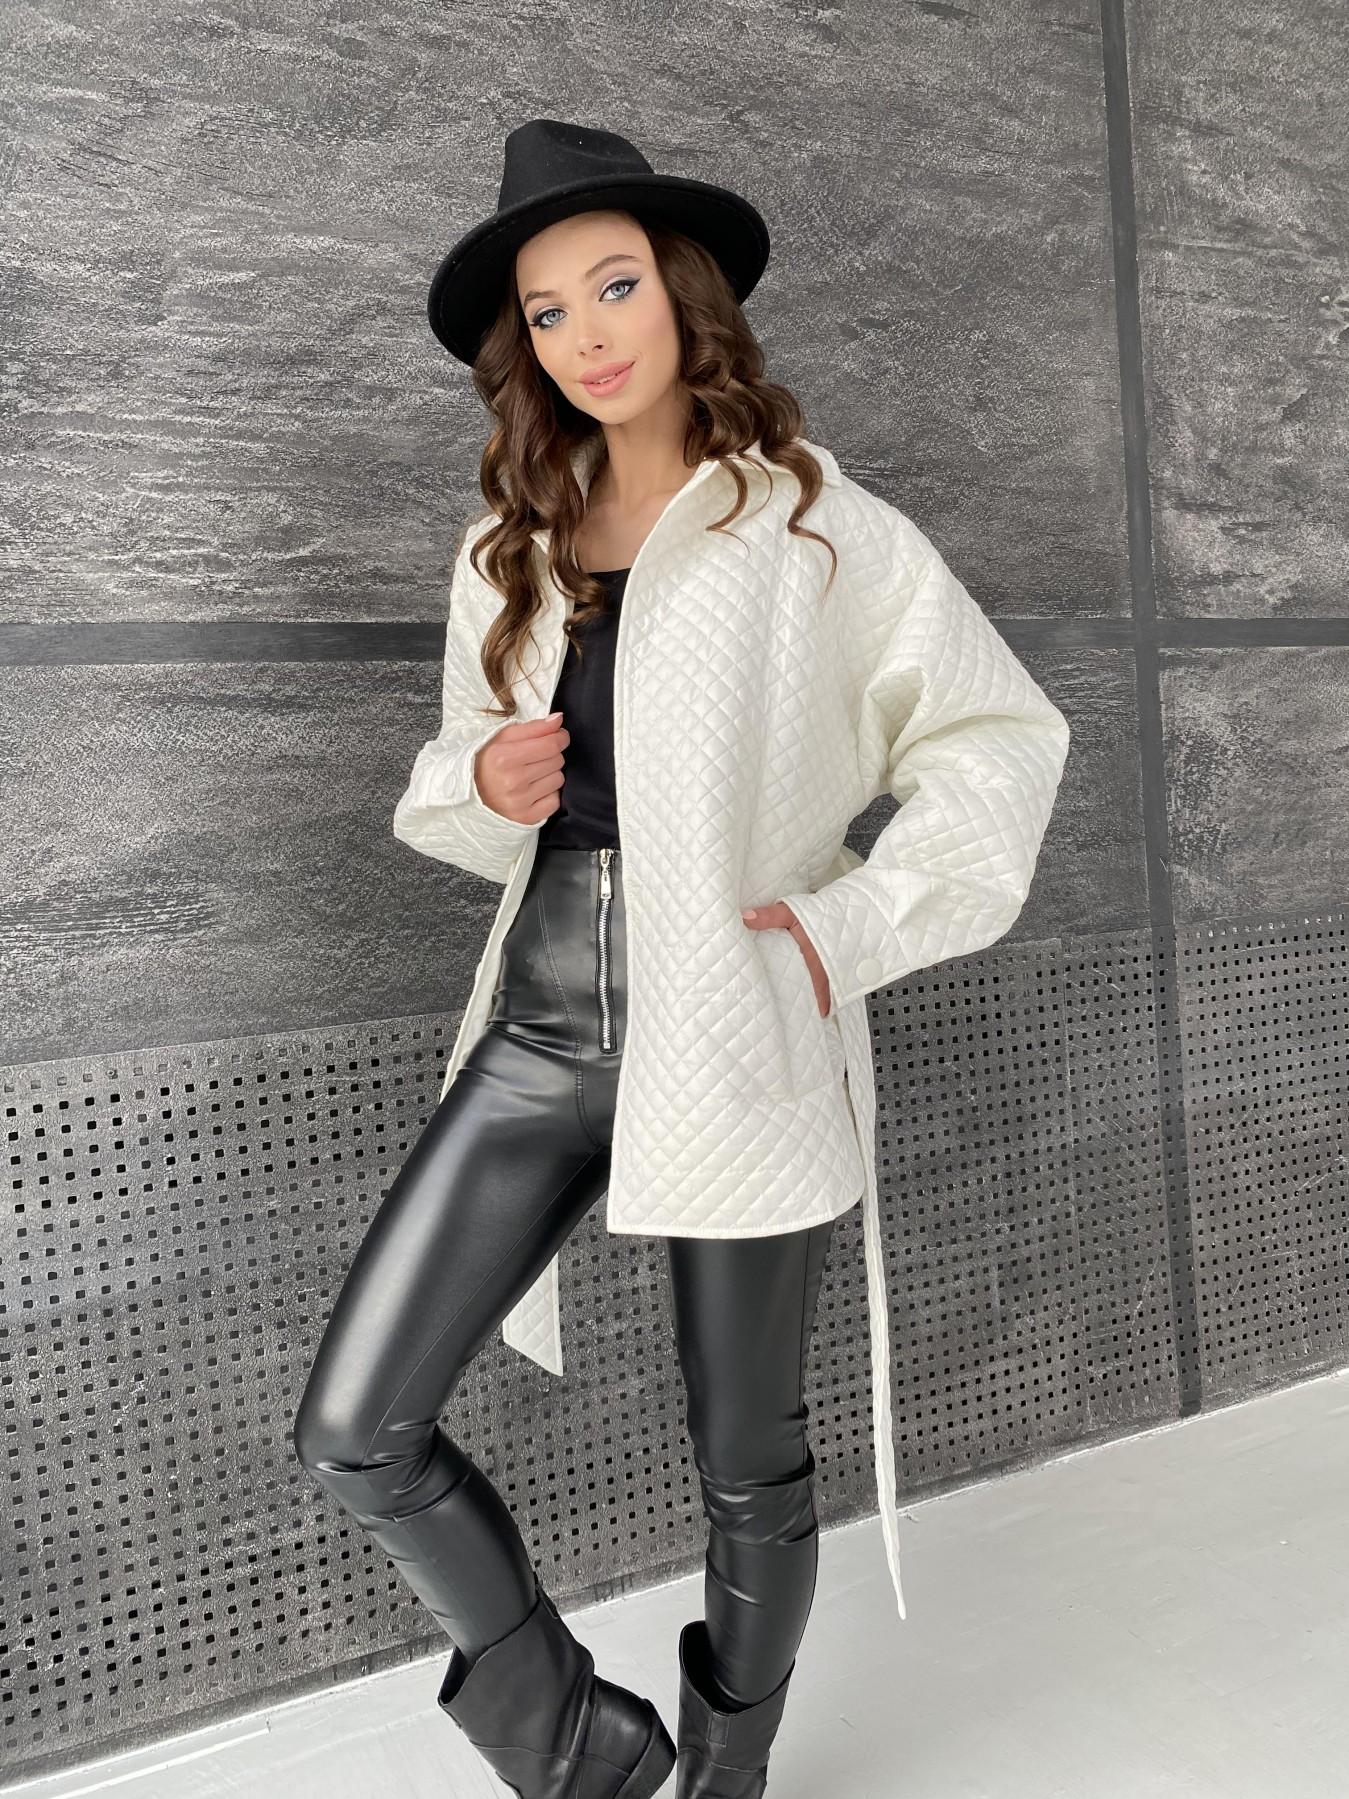 Моно куртка стеганая из  плащевой ткани 11045 АРТ. 47530 Цвет: Молоко - фото 8, интернет магазин tm-modus.ru